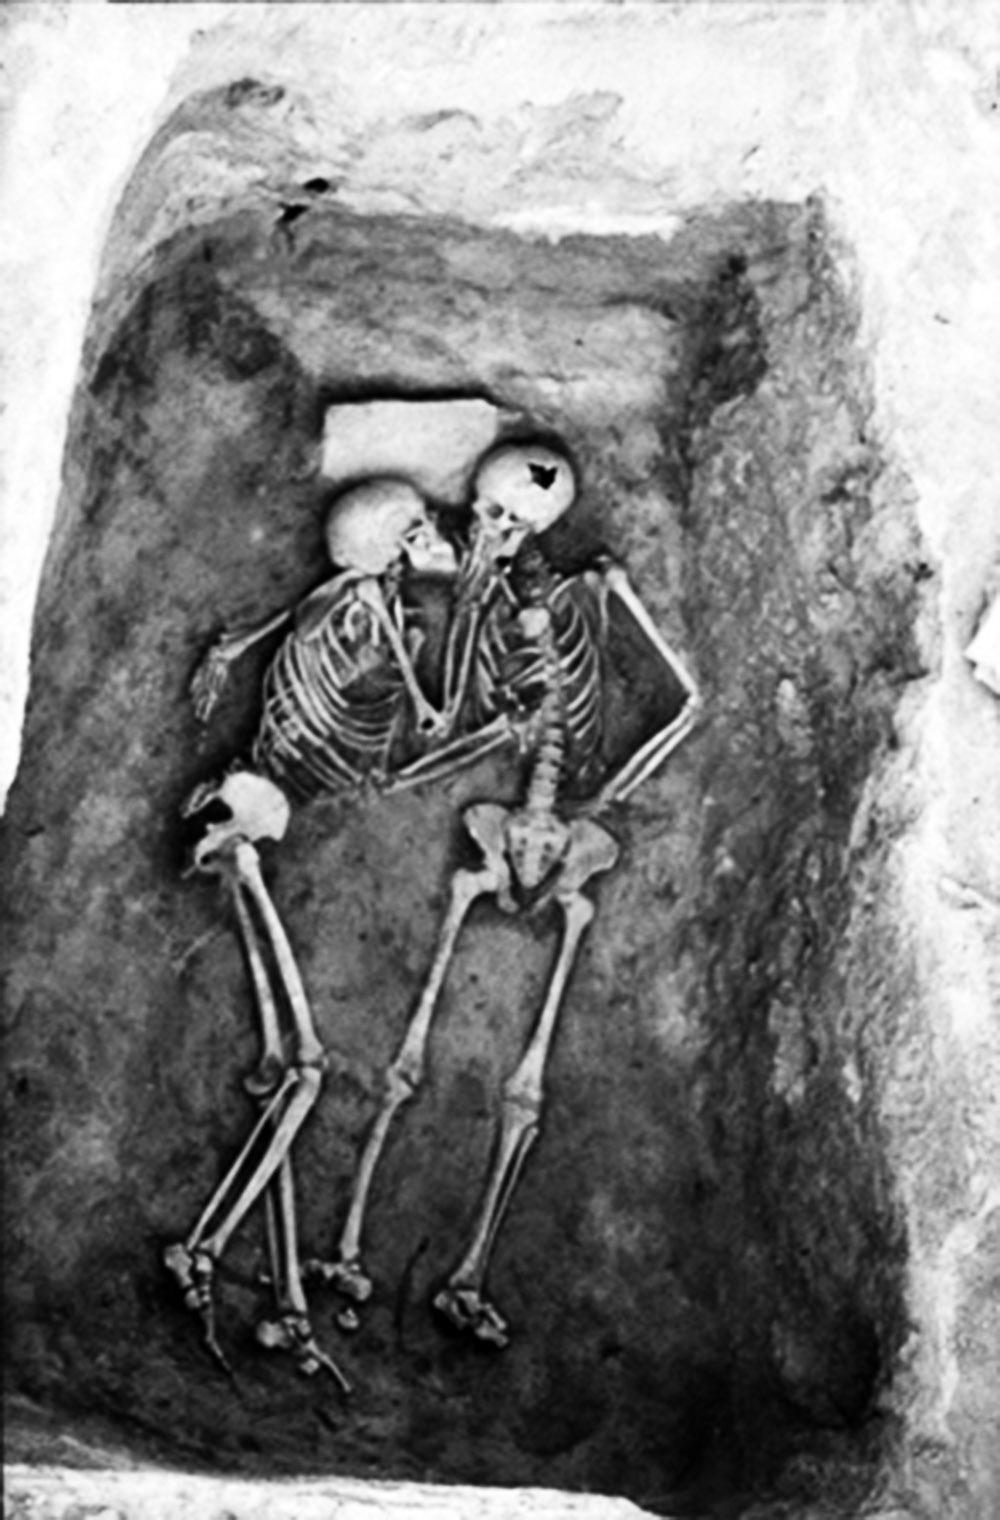 Os 2800 anos se beijam como se quisessem significar que o amor é eterno.